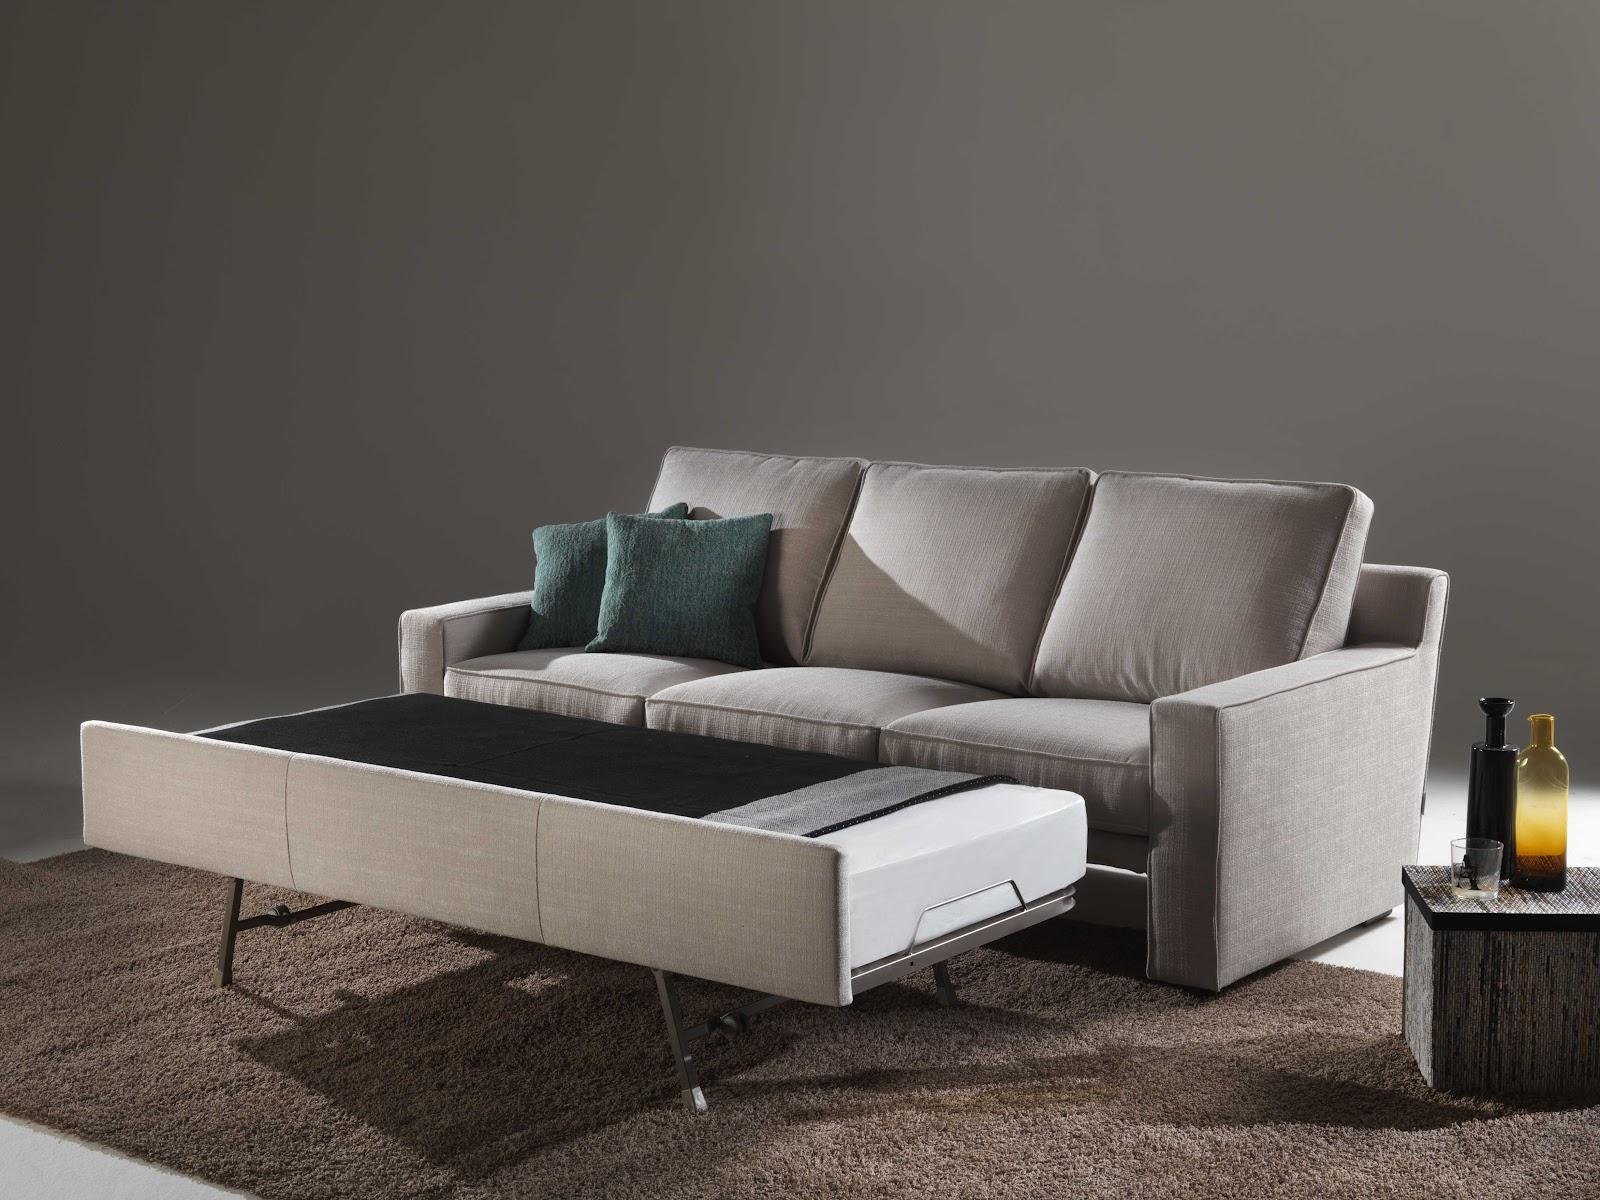 Santambrogio salotti produzione e vendita di divani e letti anche su misura il nuovo divano - Pronto letto ikea ...